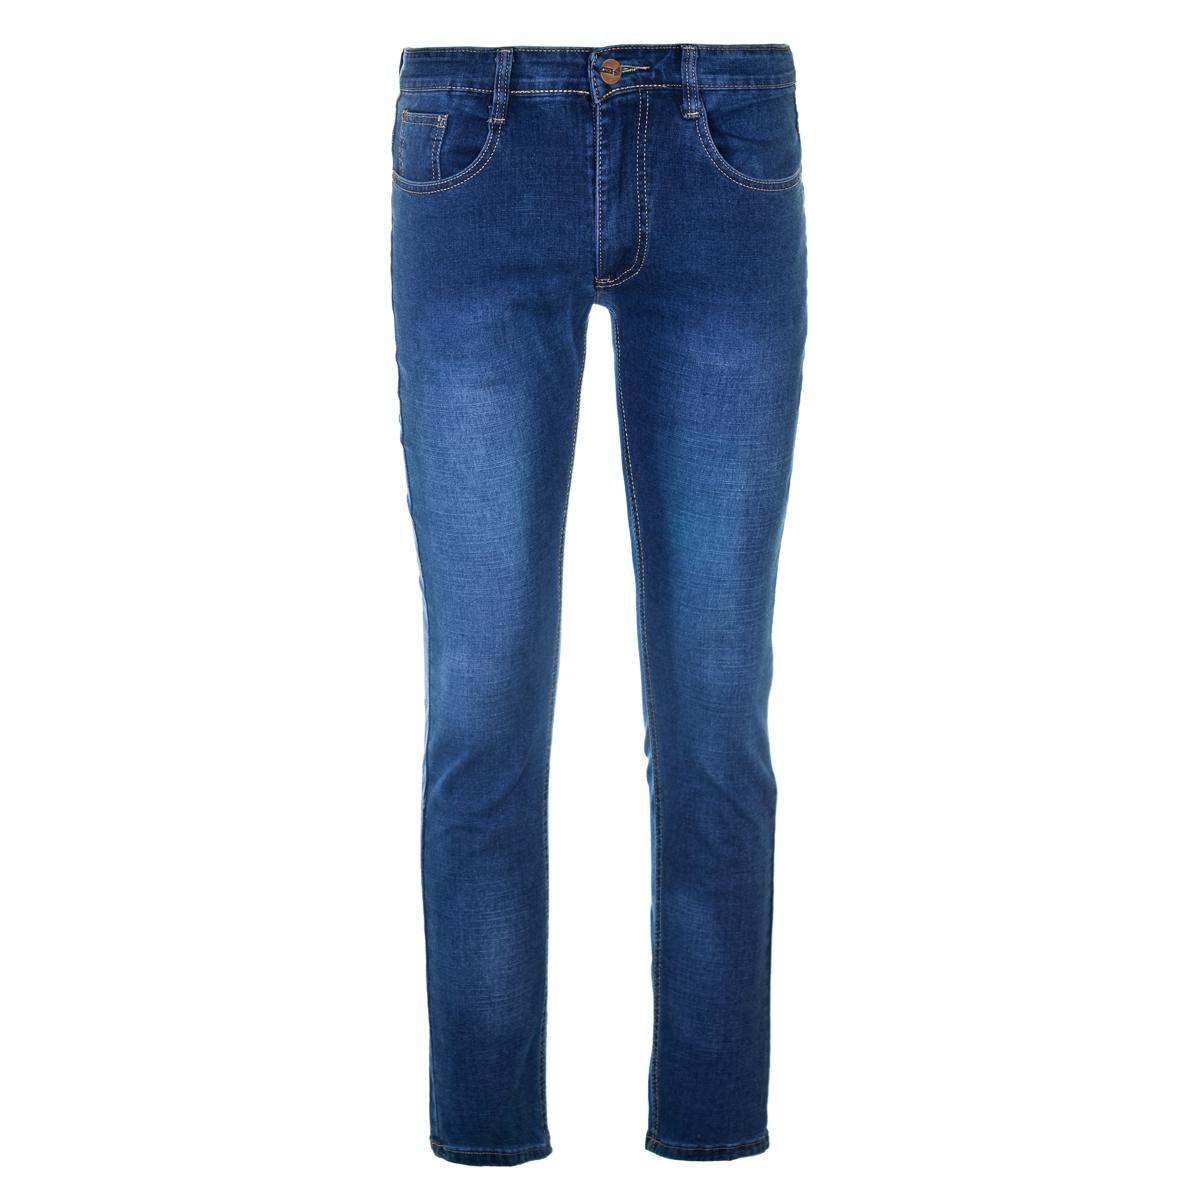 Муж. джинсы арт. 12-0091 Синий р. 29